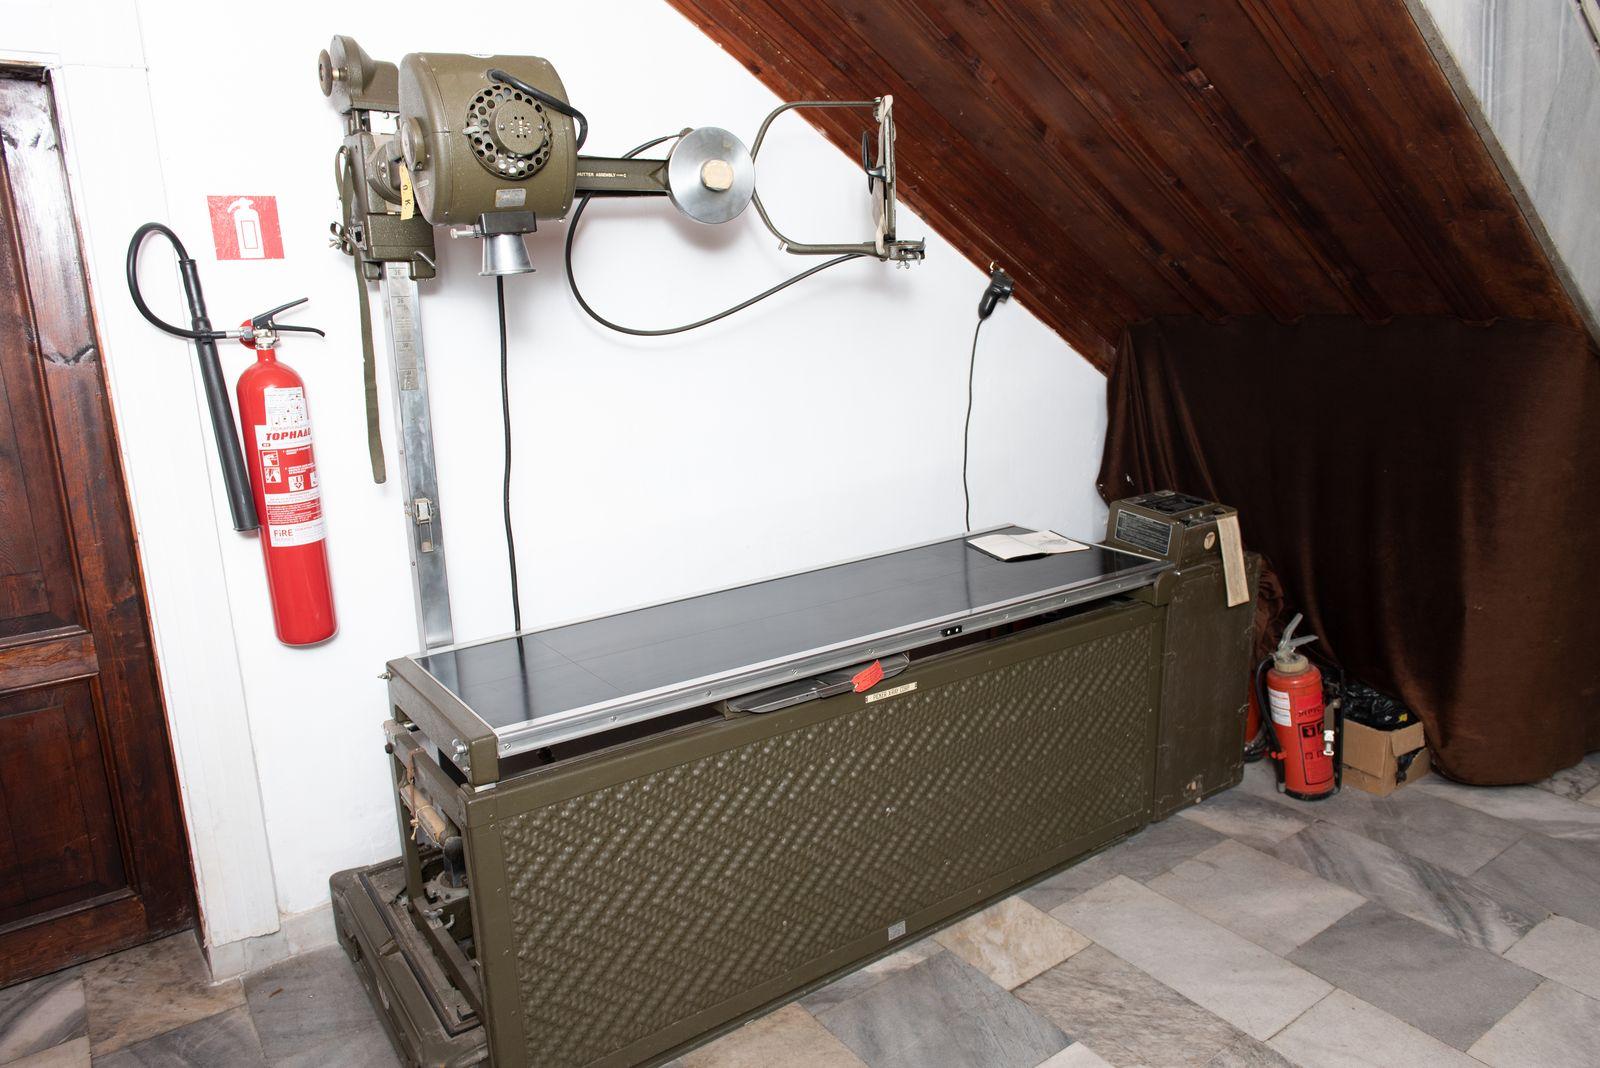 Muzei76_Рентгенографски и флоуороскопски апарат. Произведен 1957г. в САЩ от  Picer X-rey corp., предназначен за Американската армия